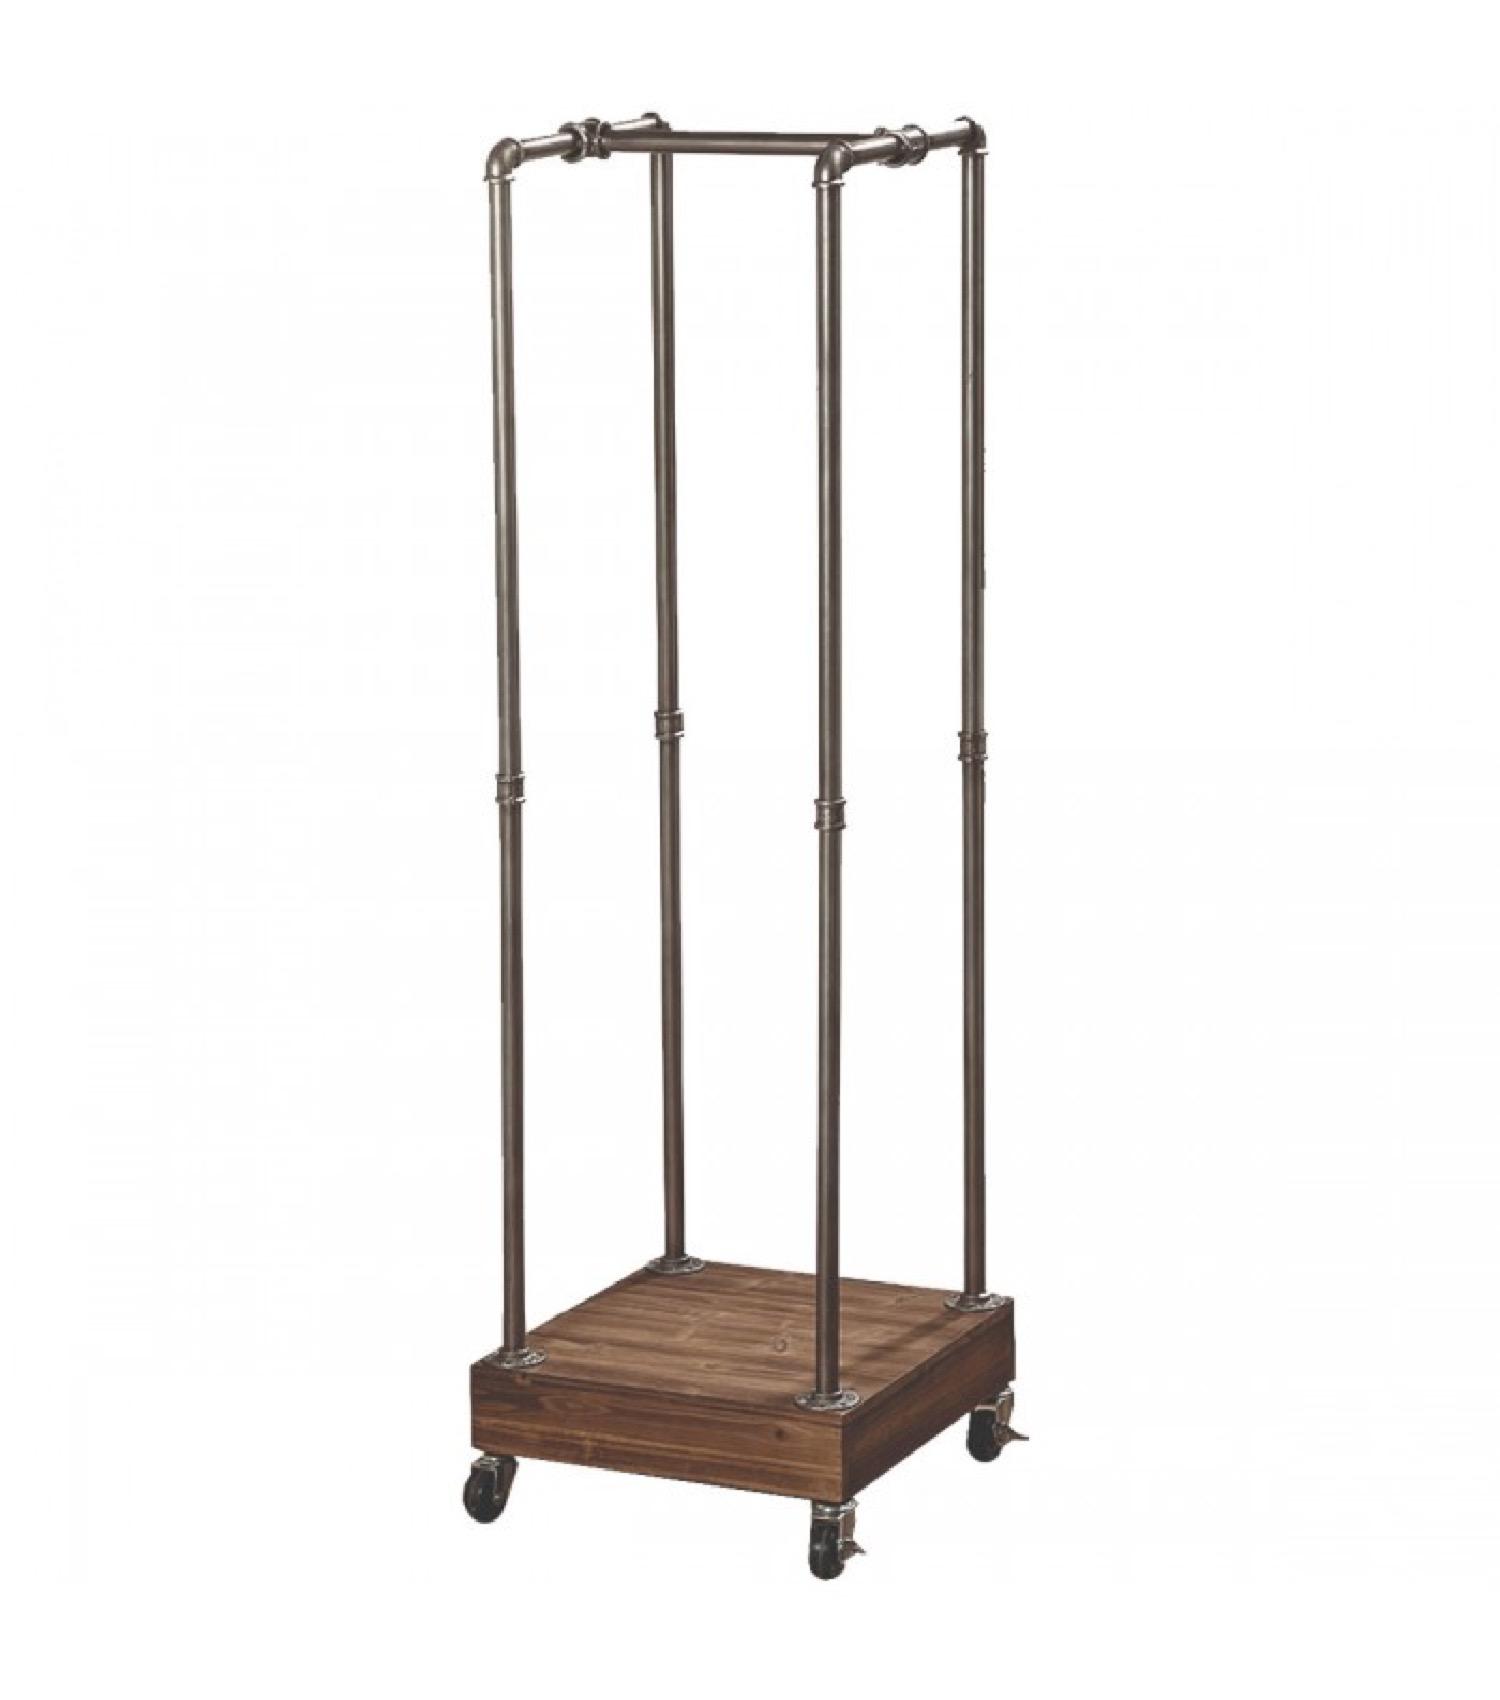 Porte vêtements bois et métal style industriel H153